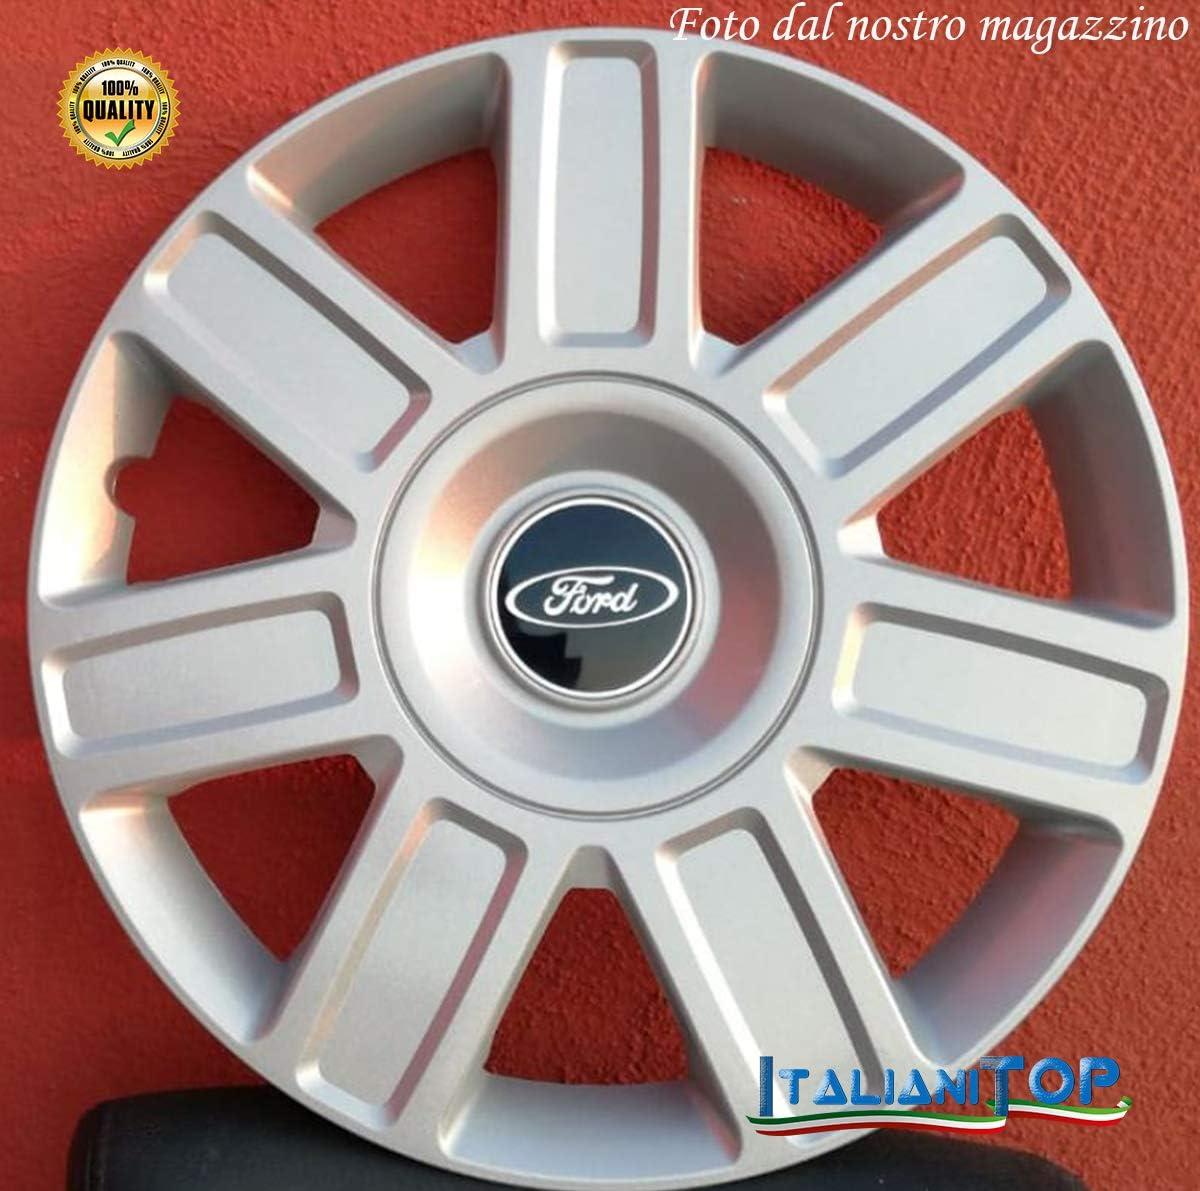 Coppa Ruota Diametro 16 CODICE 5813//6 Generico Ford Focus COPRICERCHIO BORCHIA Uno 1